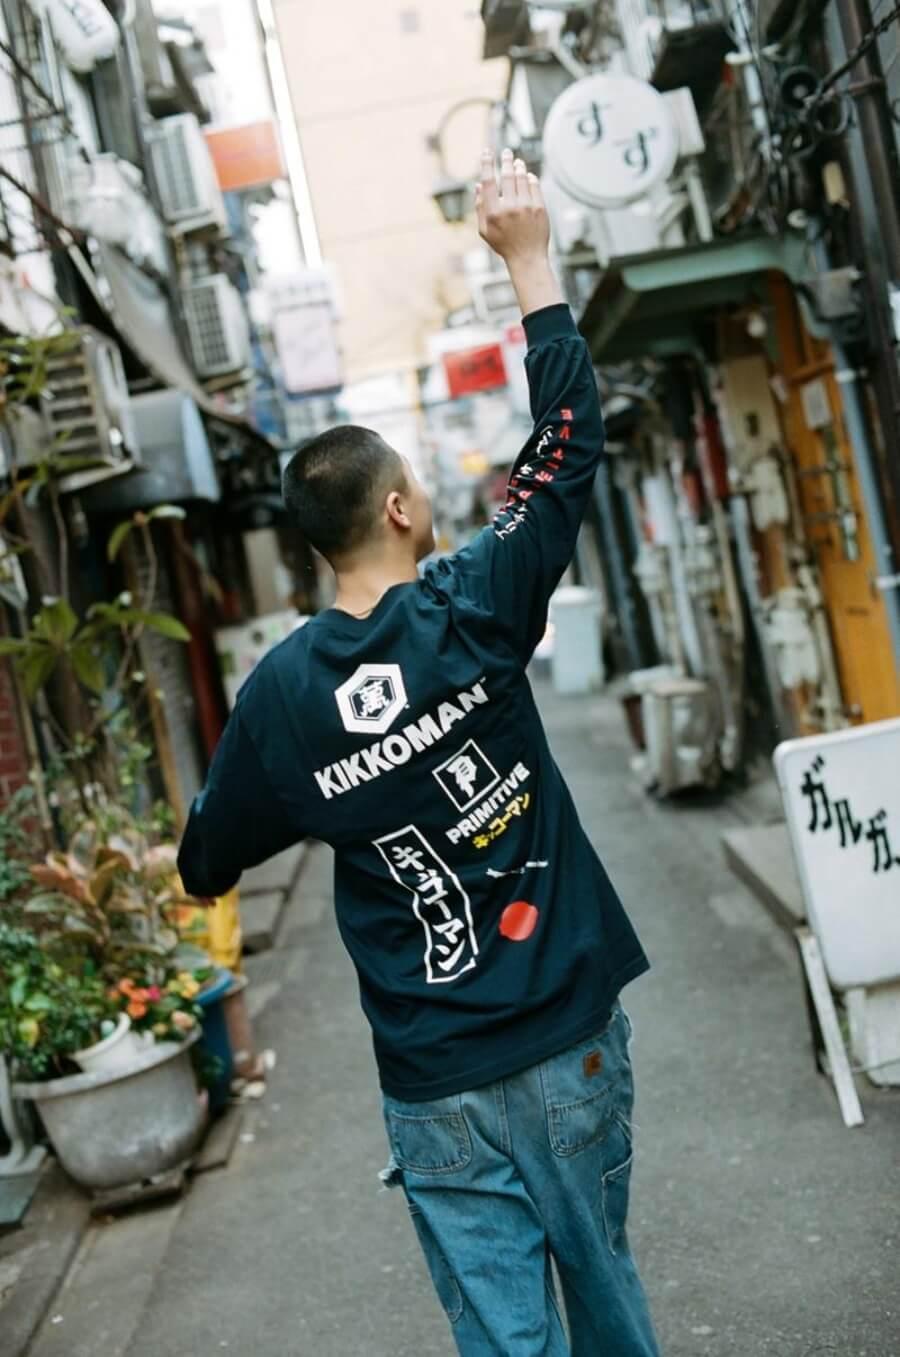 Kikkoman ahora en el streetwear